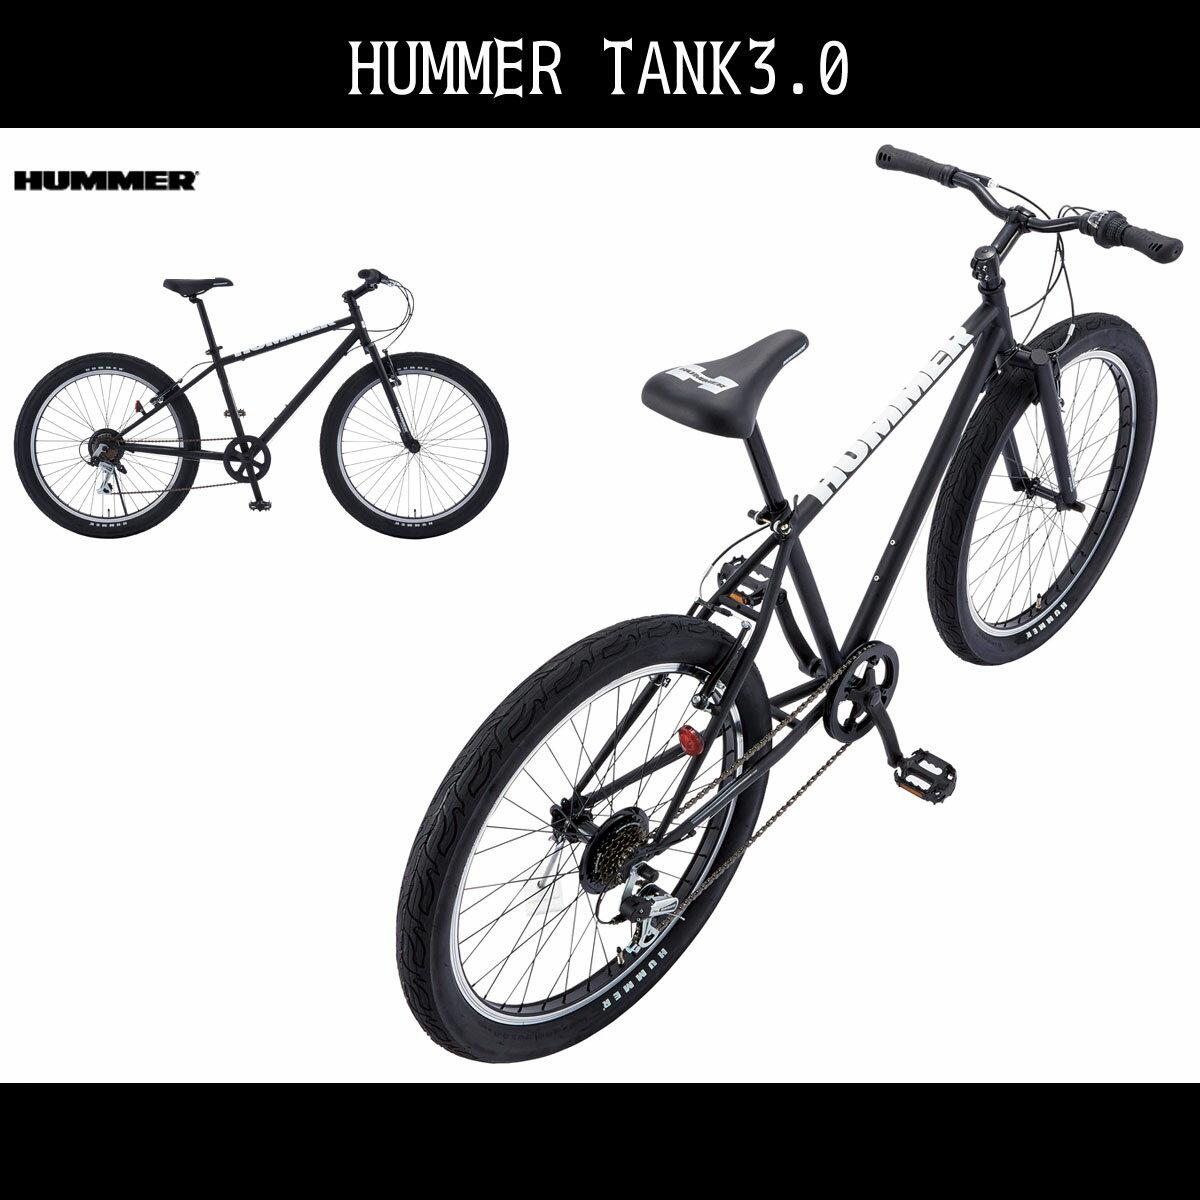 <関東限定特別価格>TANK3.0 マウンテンバイク ハマー 自転車 MTB 外装6段変速ギア マウンテンバイク 26インチ 黒色 ブラック 自転車 HUMMER ハマー マウンテンバイク 送料無料 激安 格安 変速付き 通販 おしゃれ